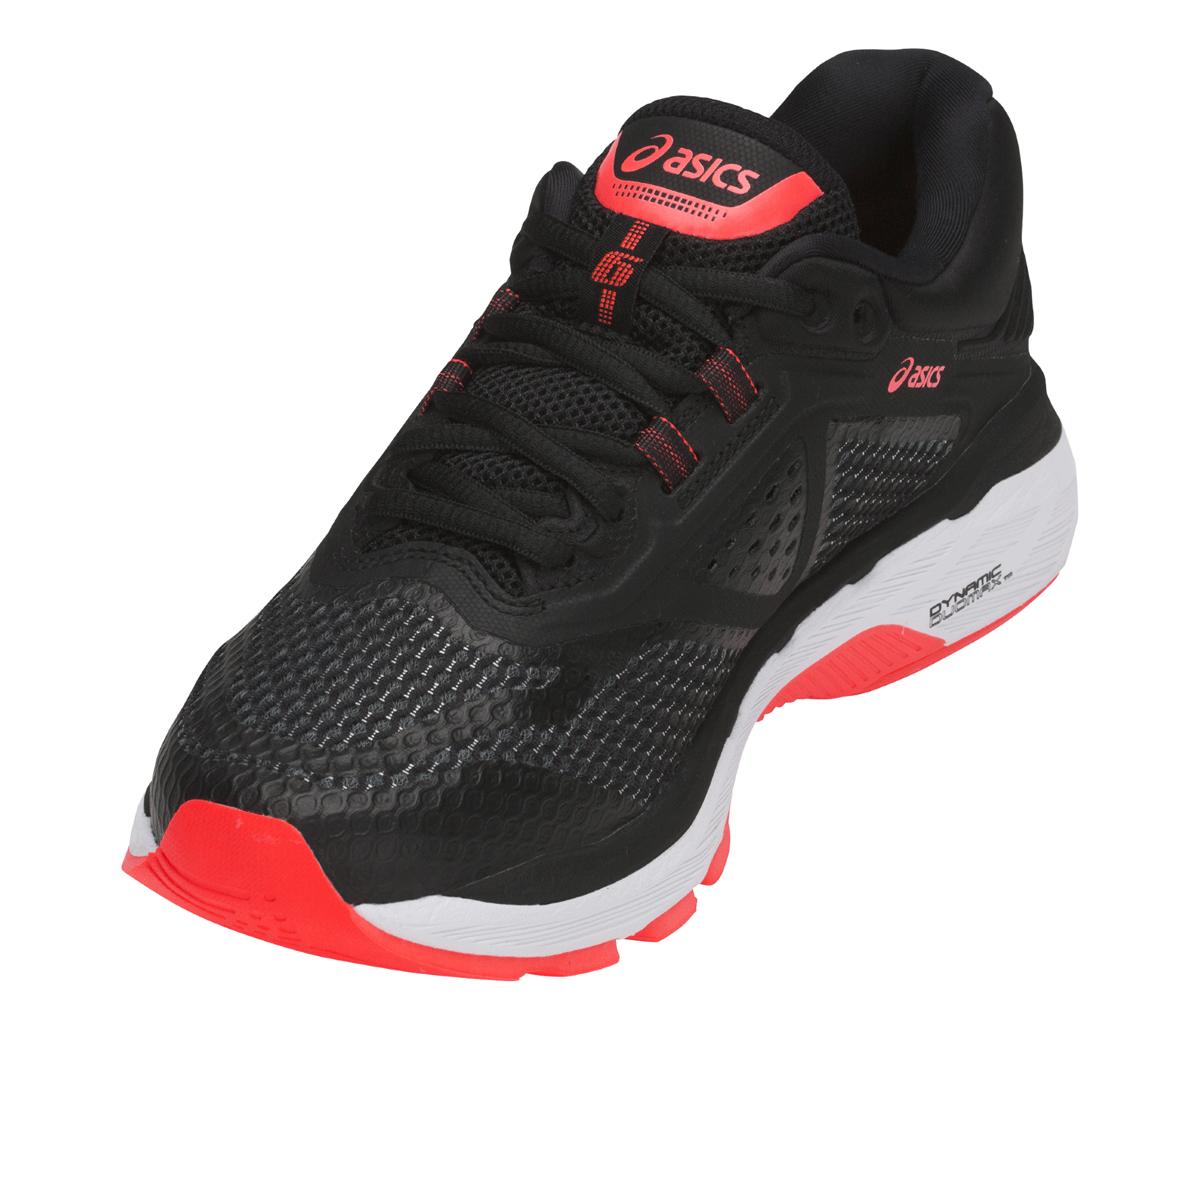 Asics GT-2000 6 - - Damen Laufschuhe - 6 Running - Schwarz-Coral - T855N-001 59932c